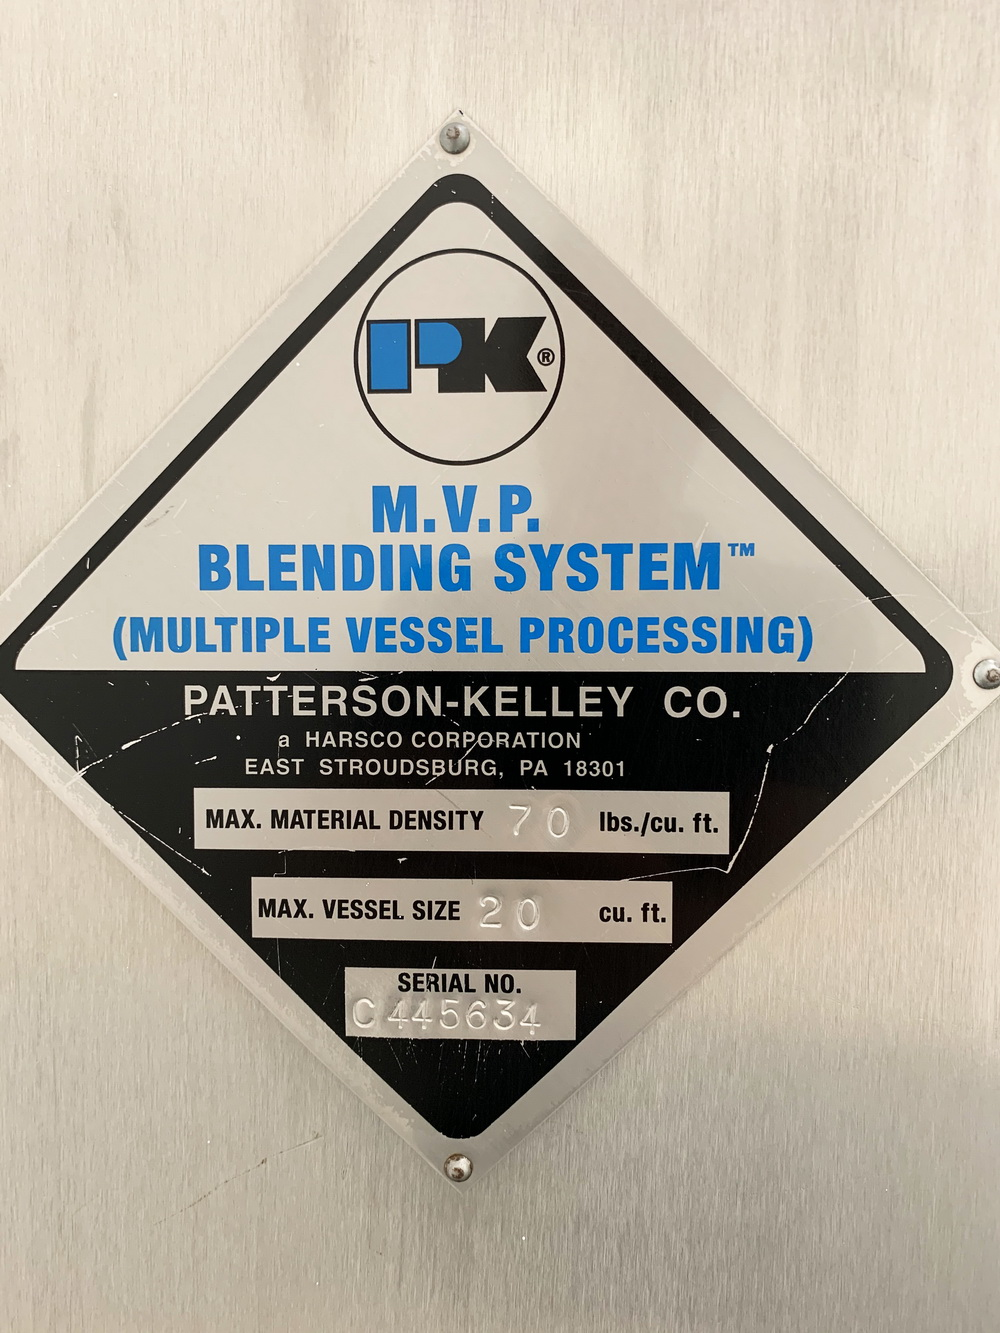 10 Cu Ft P-K Blender System, Model MVP